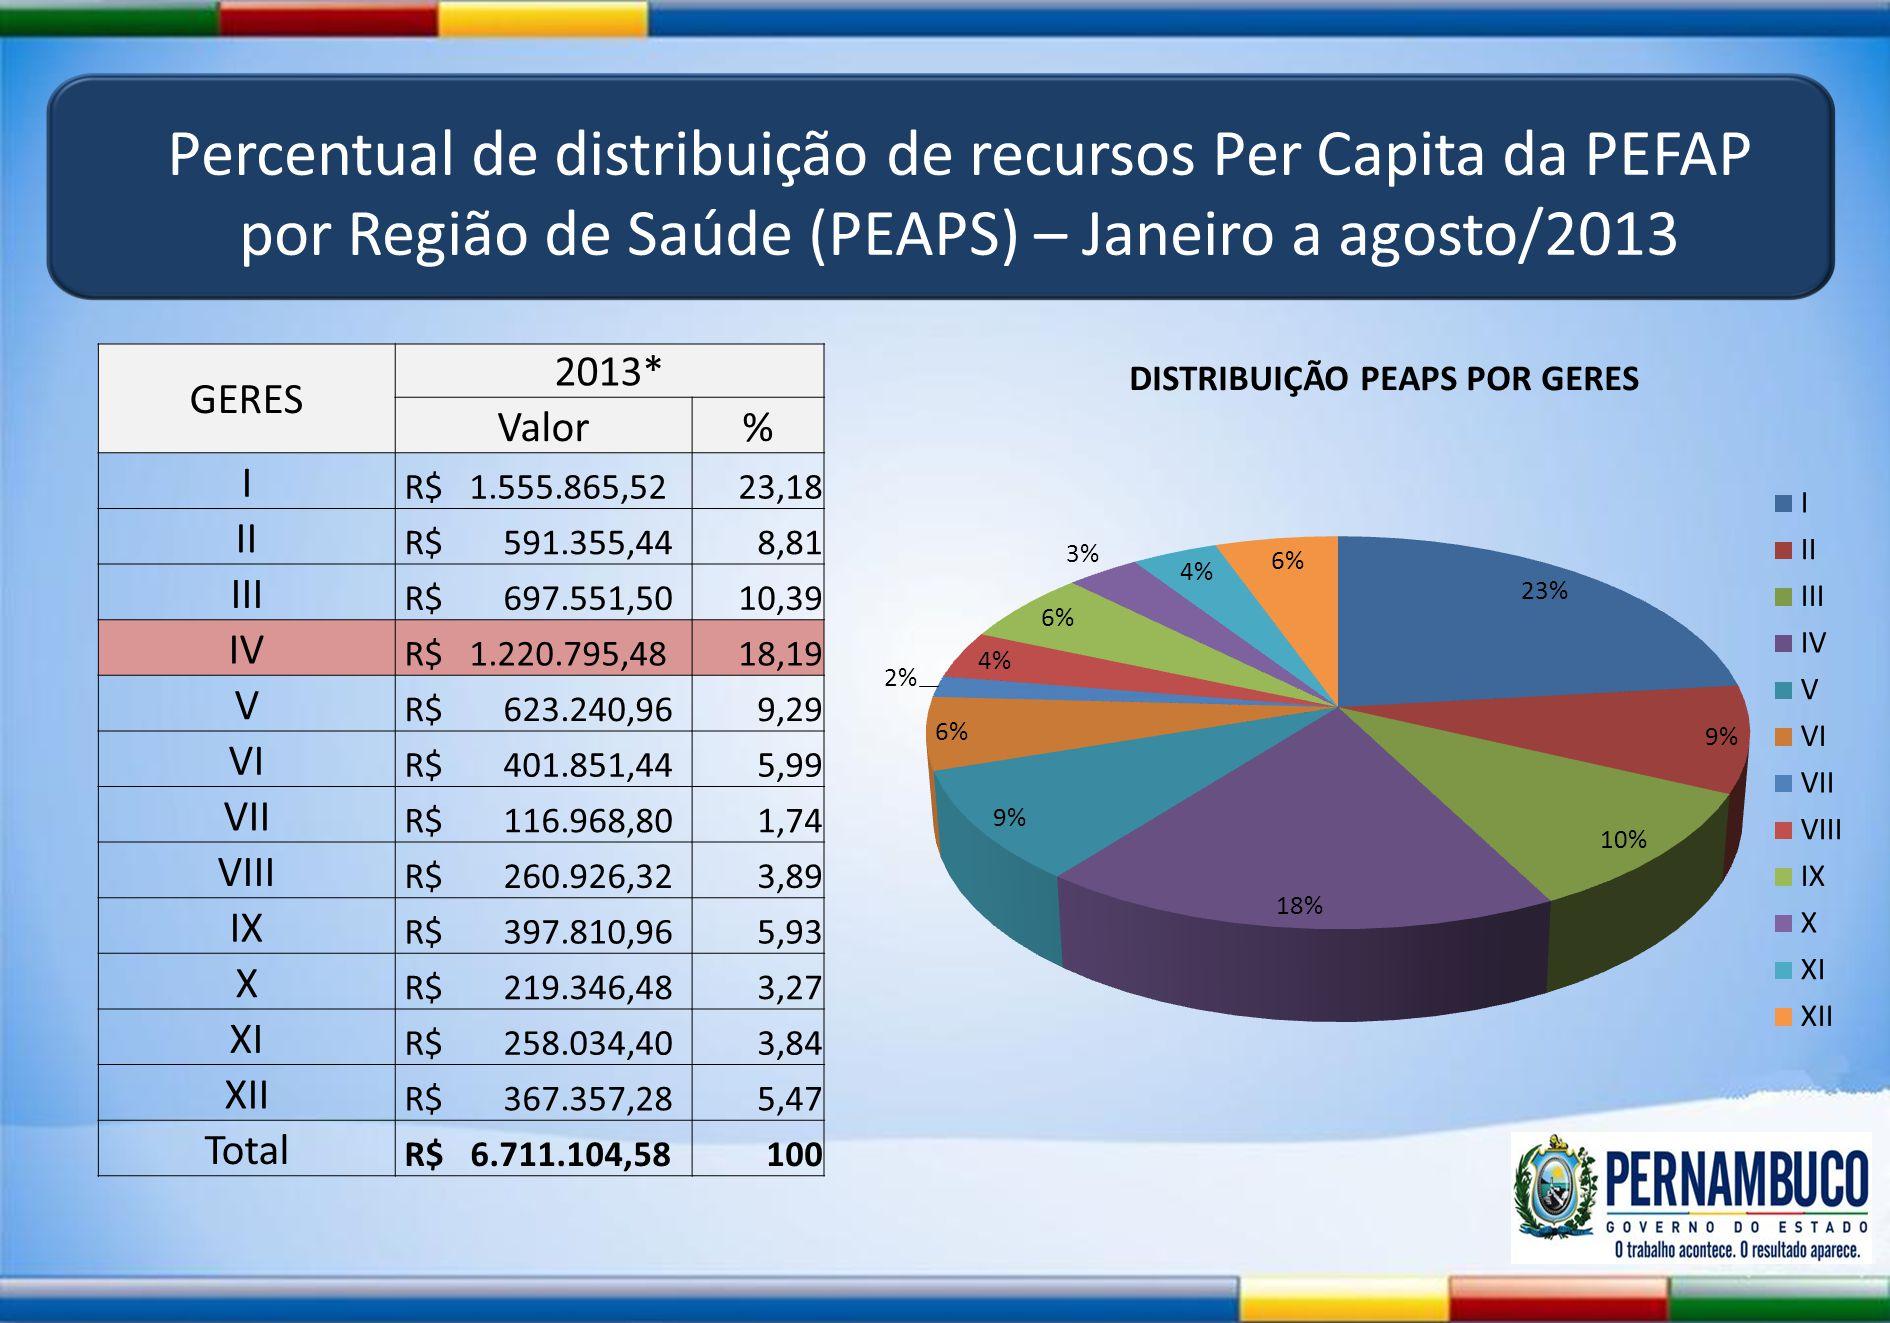 Percentual de distribuição de recursos Per Capita da PEFAP por Região de Saúde (PEAPS) – Janeiro a agosto/2013